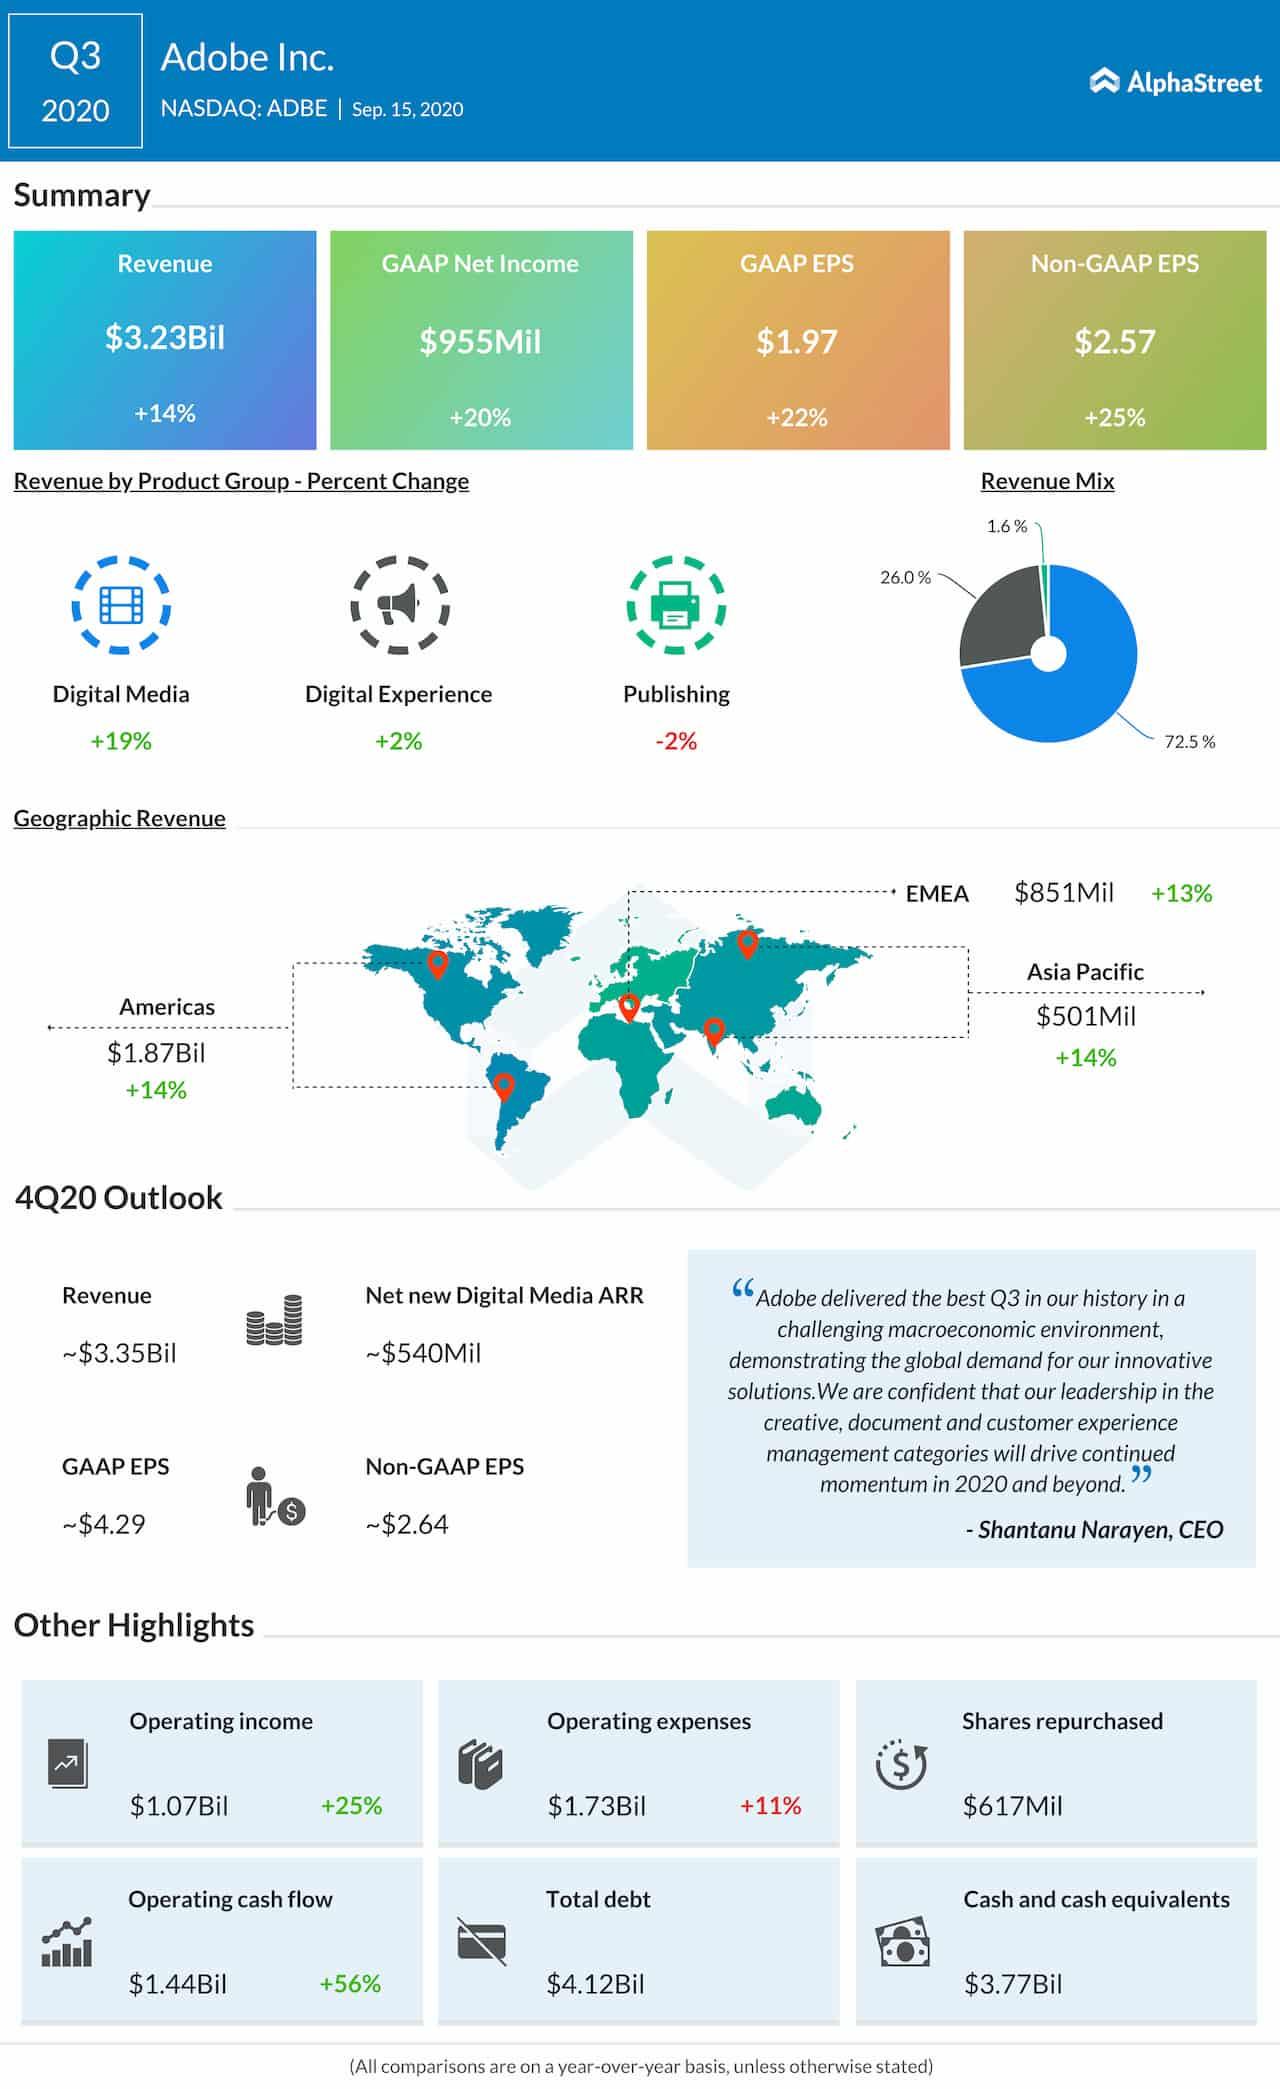 Adobe (ADBE) Q3 revenue, earnings grow in double digits